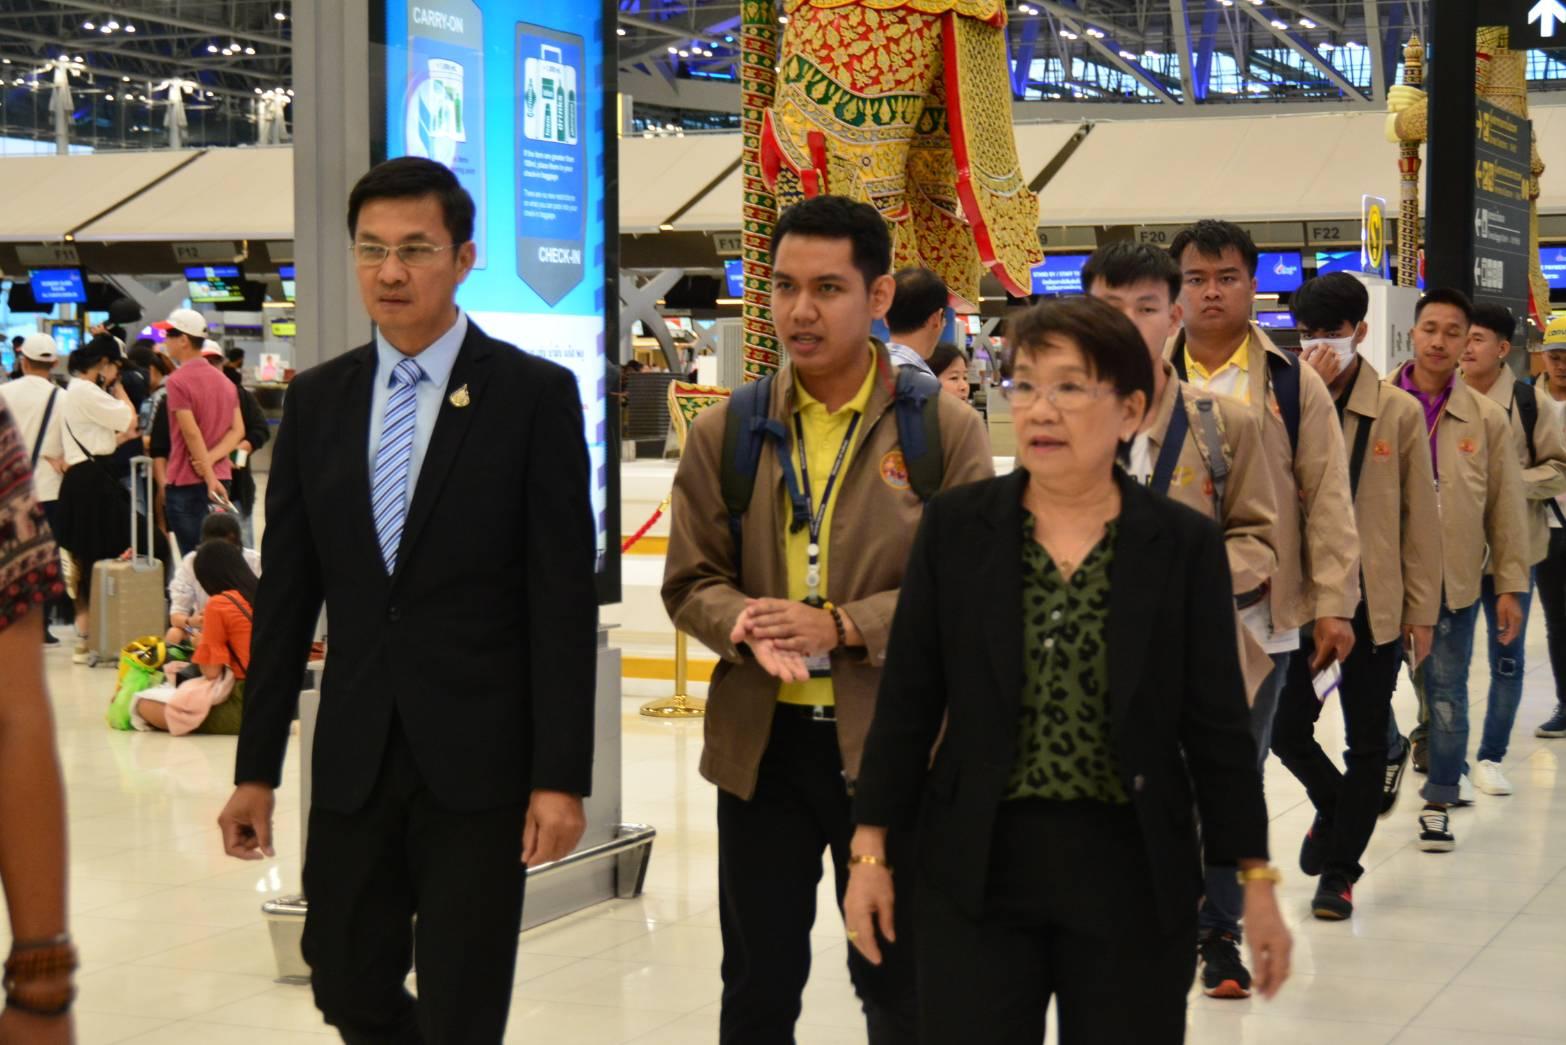 กรมการจัดหางาน ส่งคนงานไทยที่จะไปทำงานเกาหลี กว่า 200 คน ที่สนามบินสุวรรณภูมิ